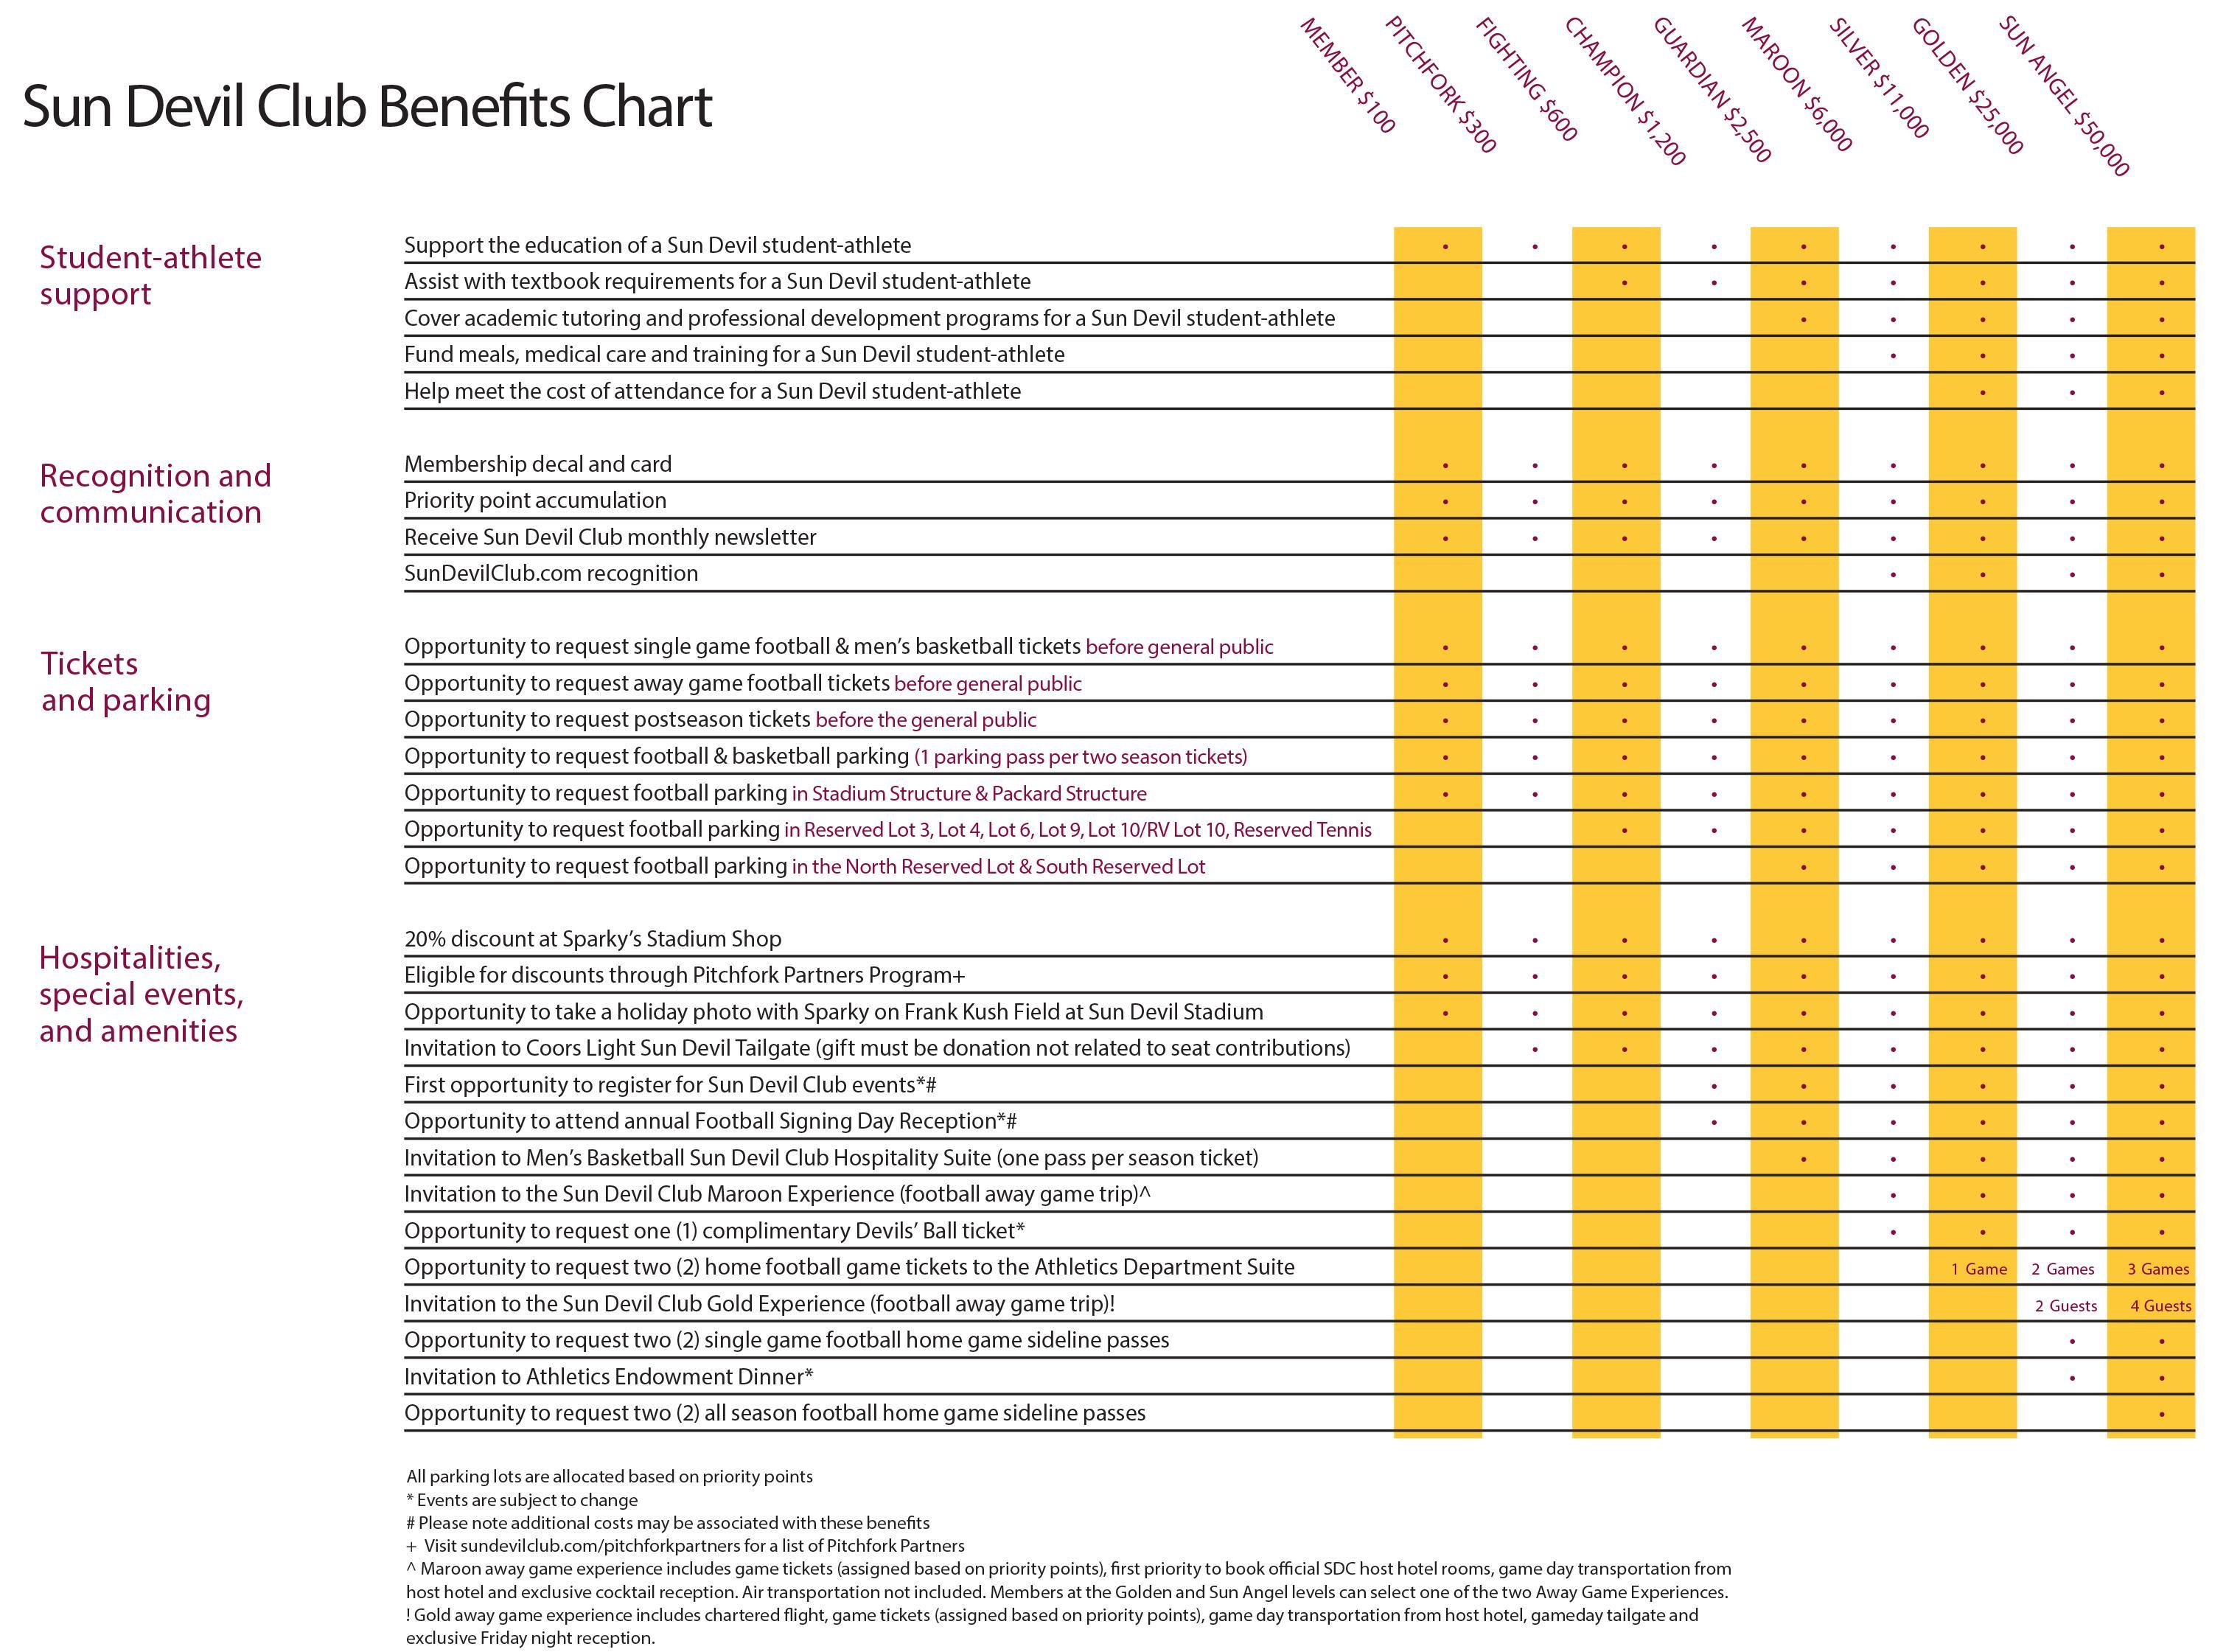 2018-19 Sun Devil Club Benefits Chart